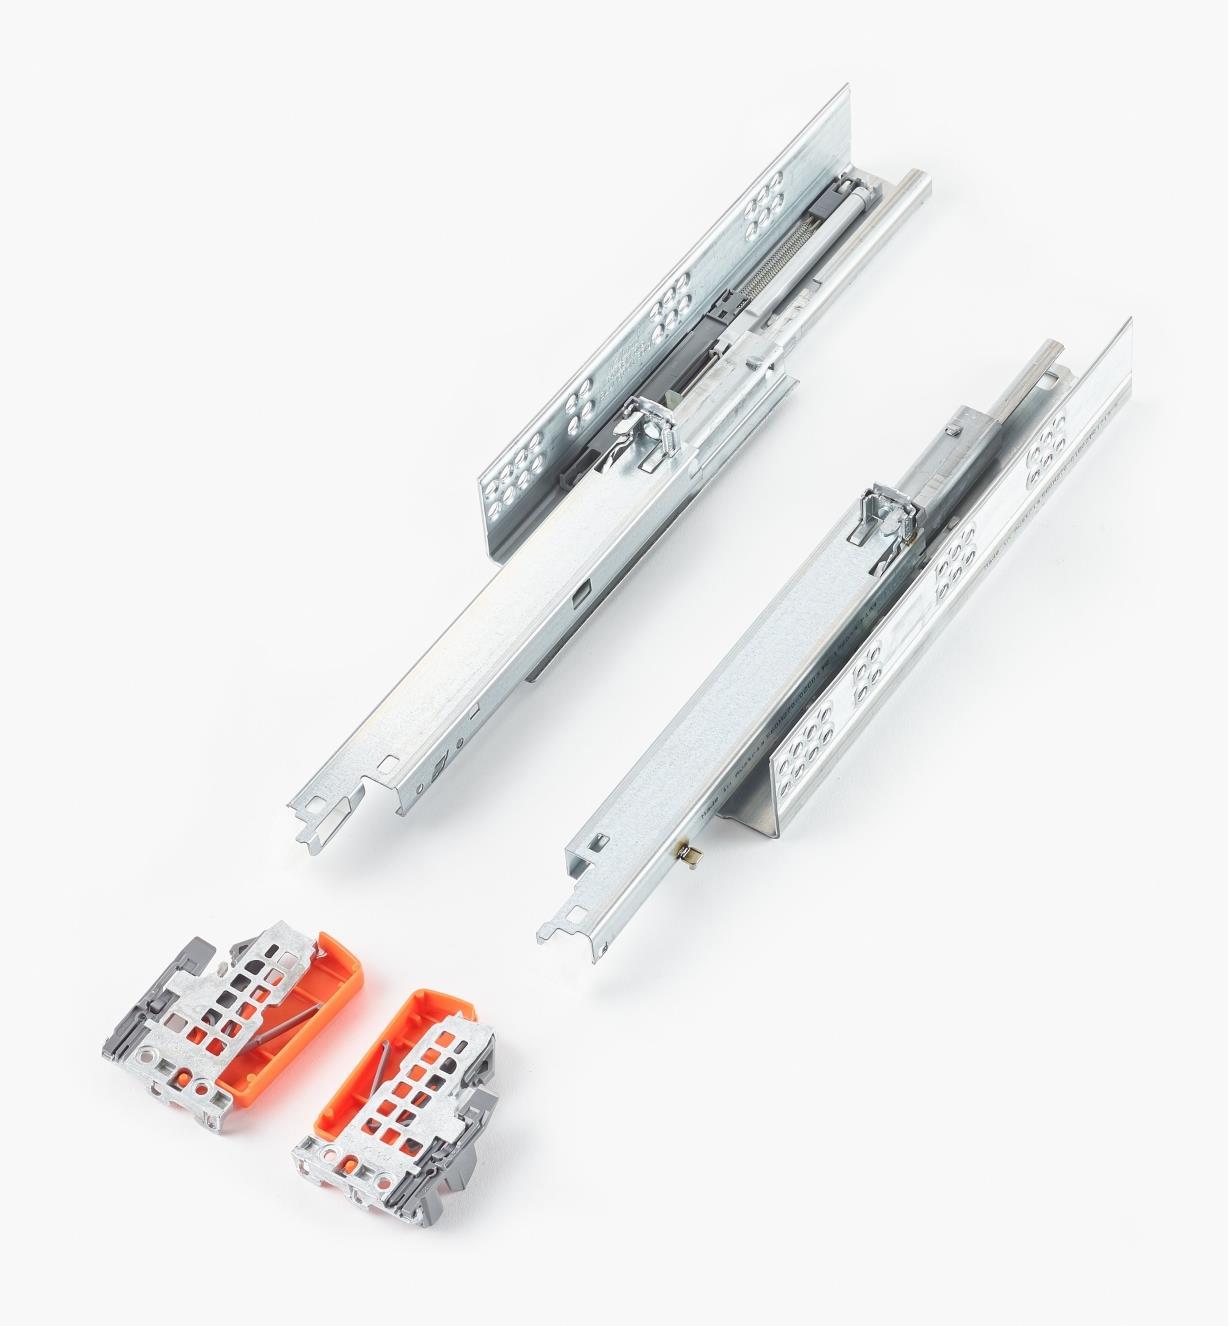 02K5127 - Coulisses Tandem plus de 270mm avec amortisseurs Blumotion, la paire